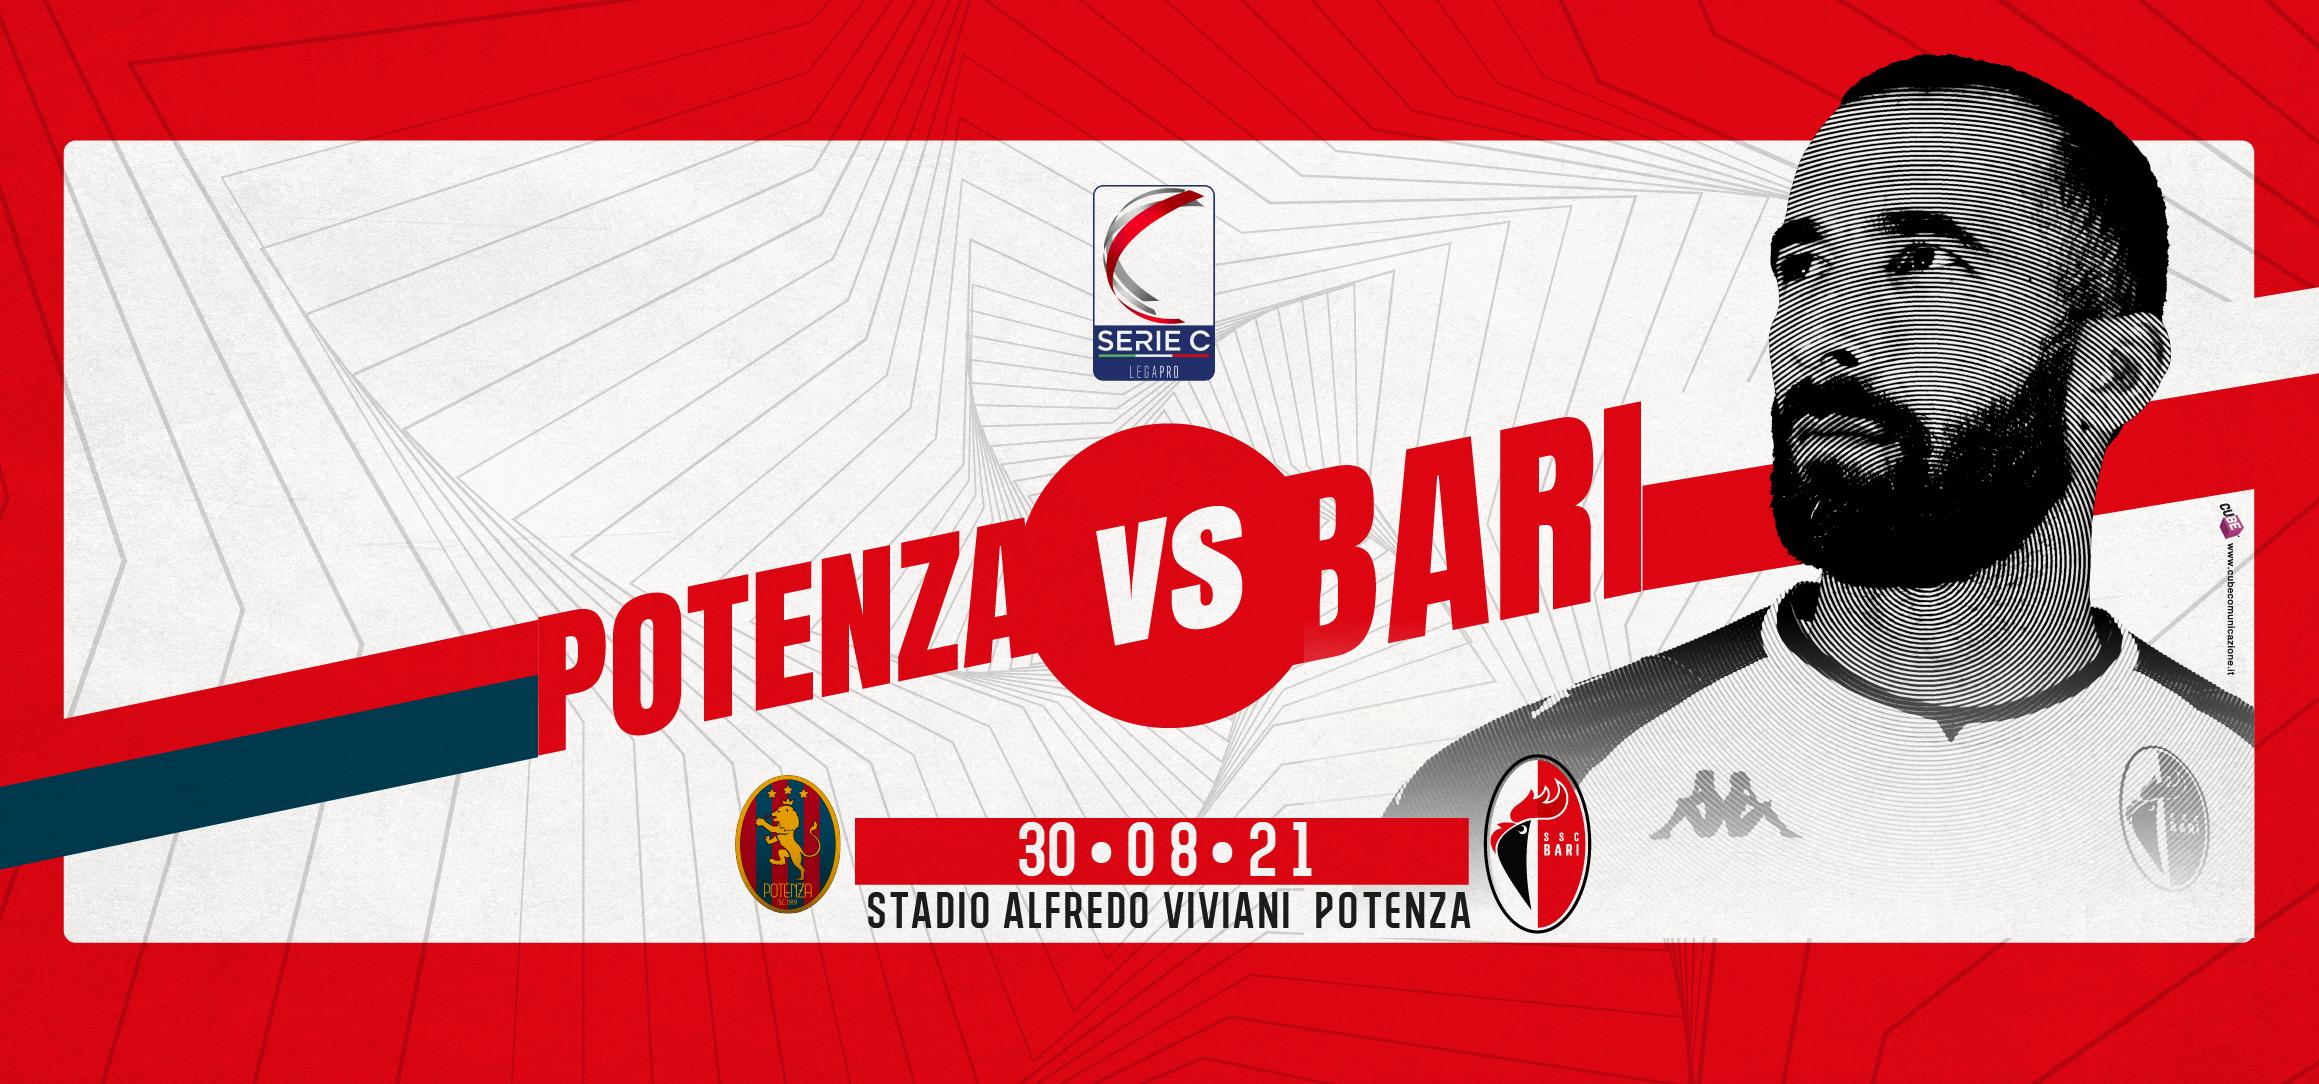 Potenza-Bari: disponibili biglietti settore ospite del Viviani 2140-HcoeOP45sh93p647Bp33